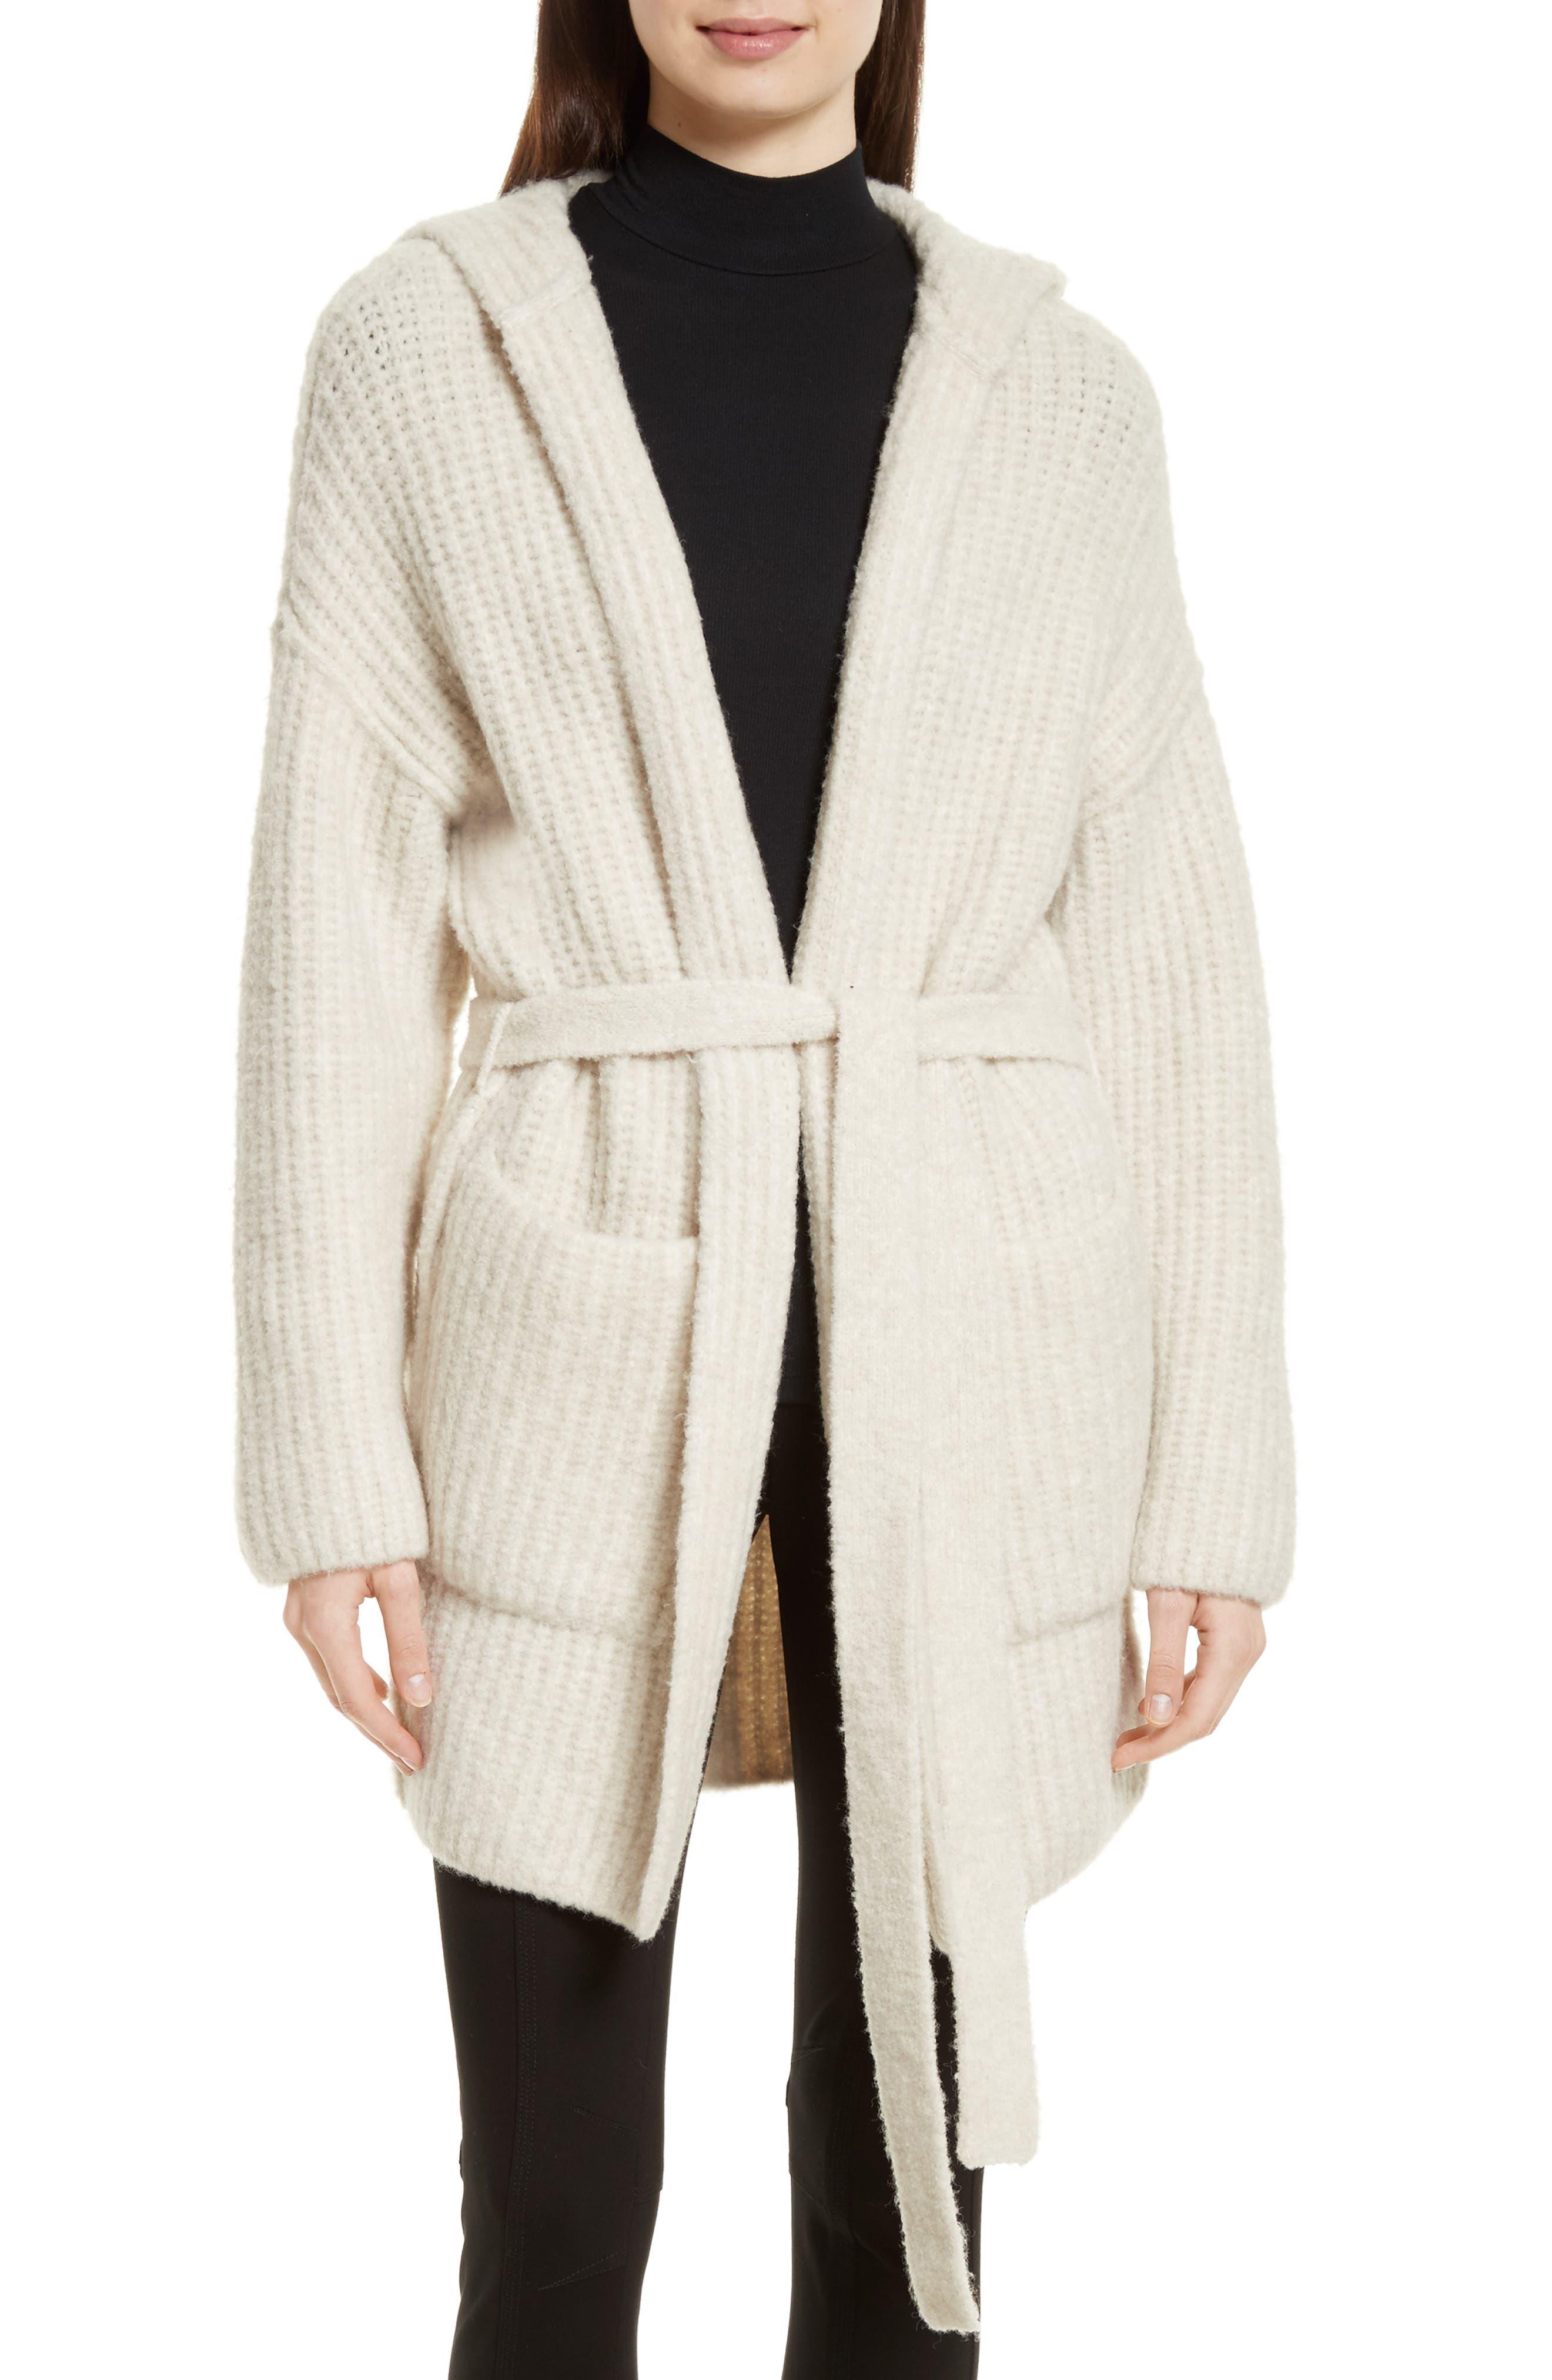 Main Image - ATM Anthony Thomas Melillo Hooded Sweater Coat